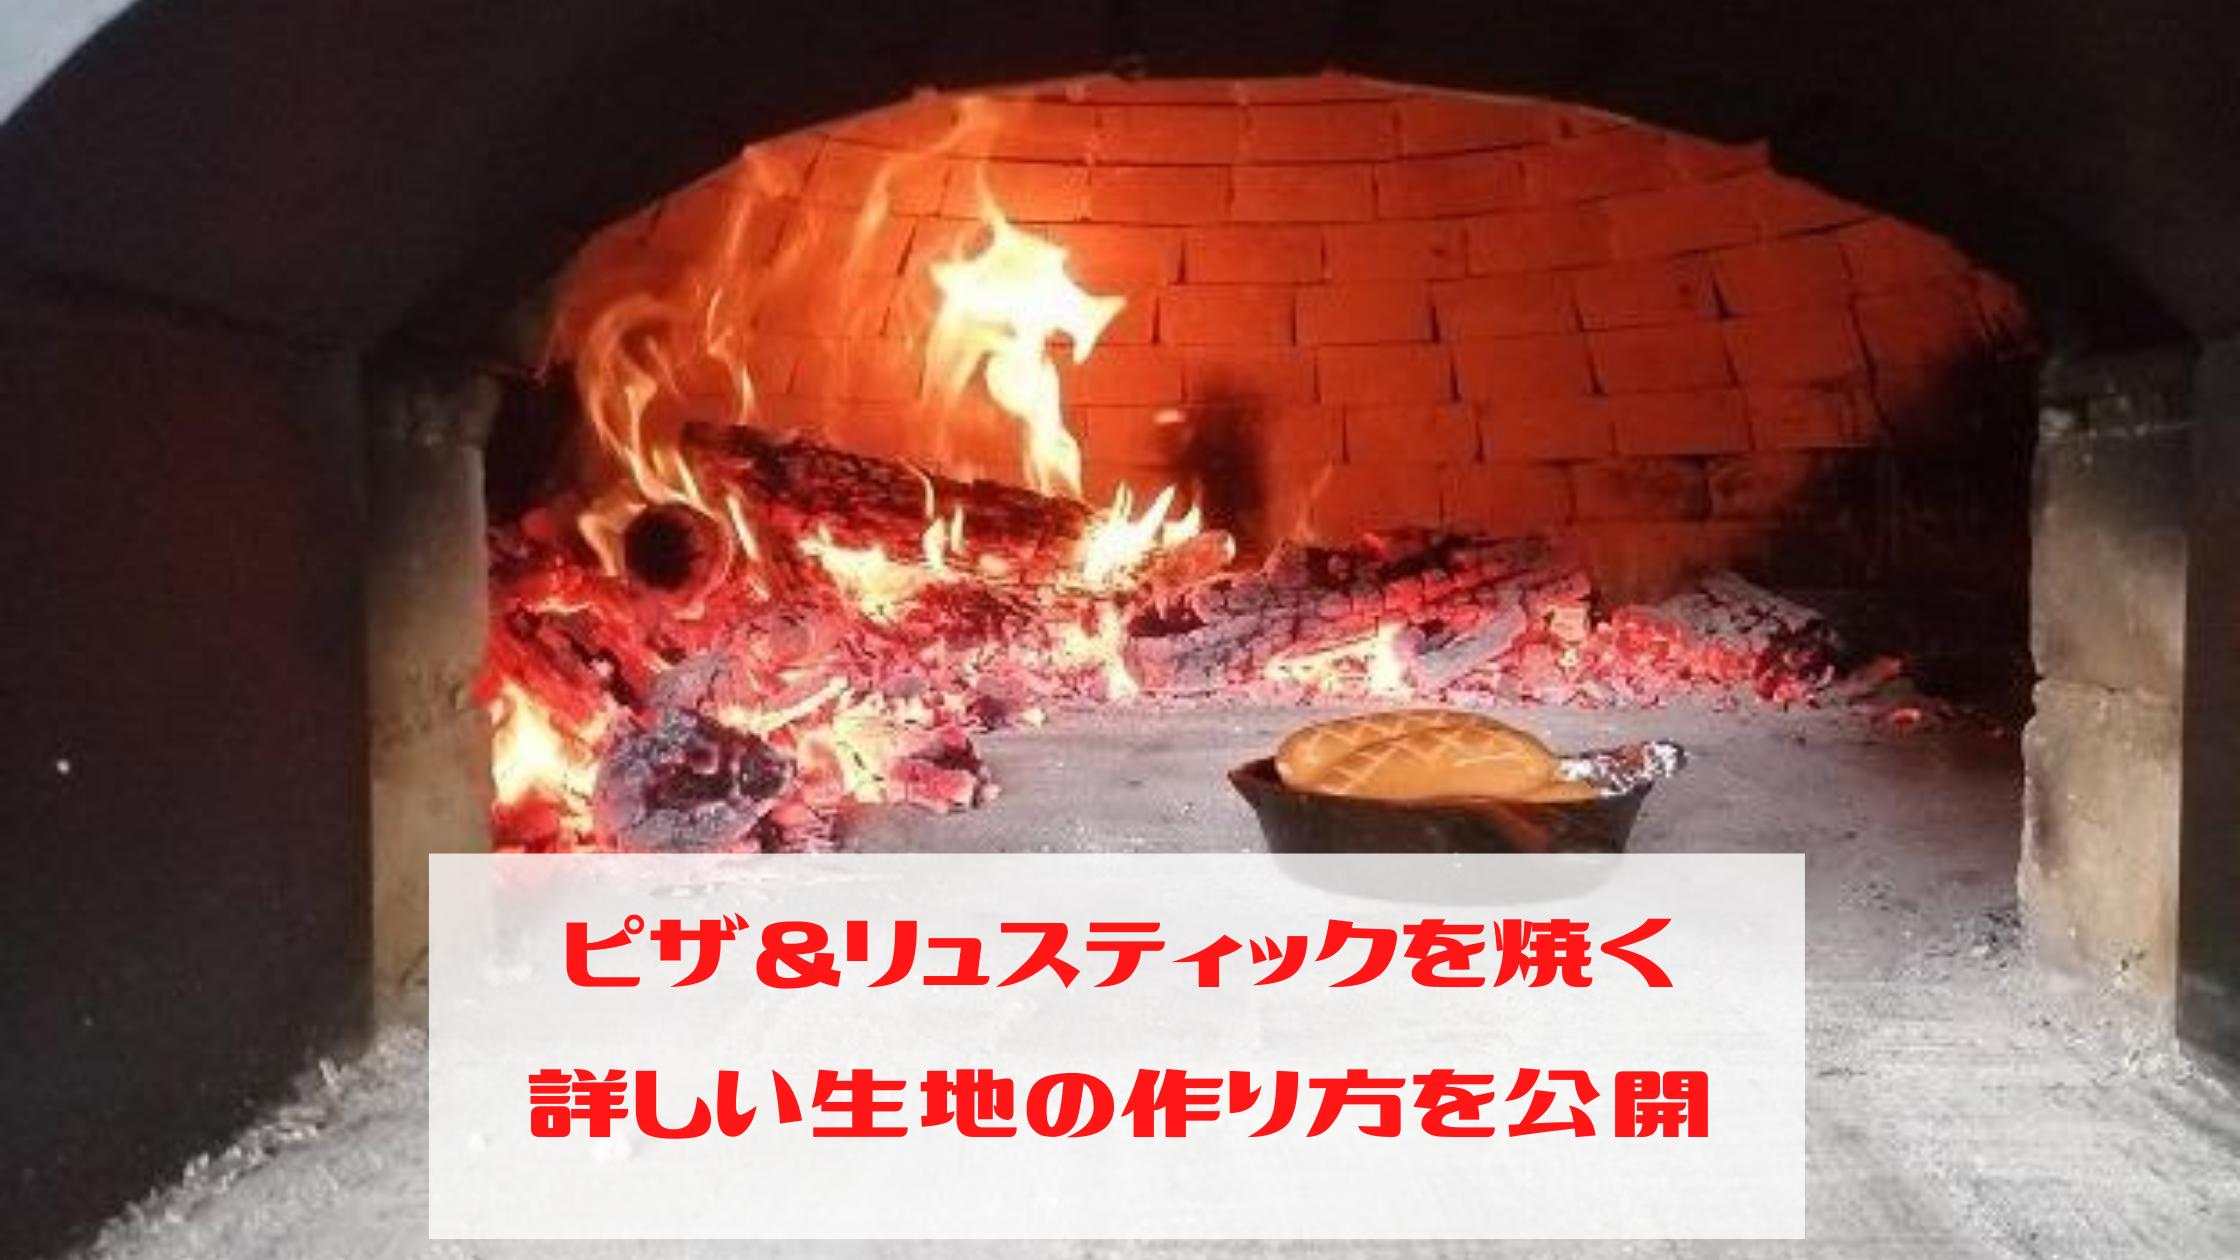 ピザ&リュスティックを焼く。生地の作り方を公開